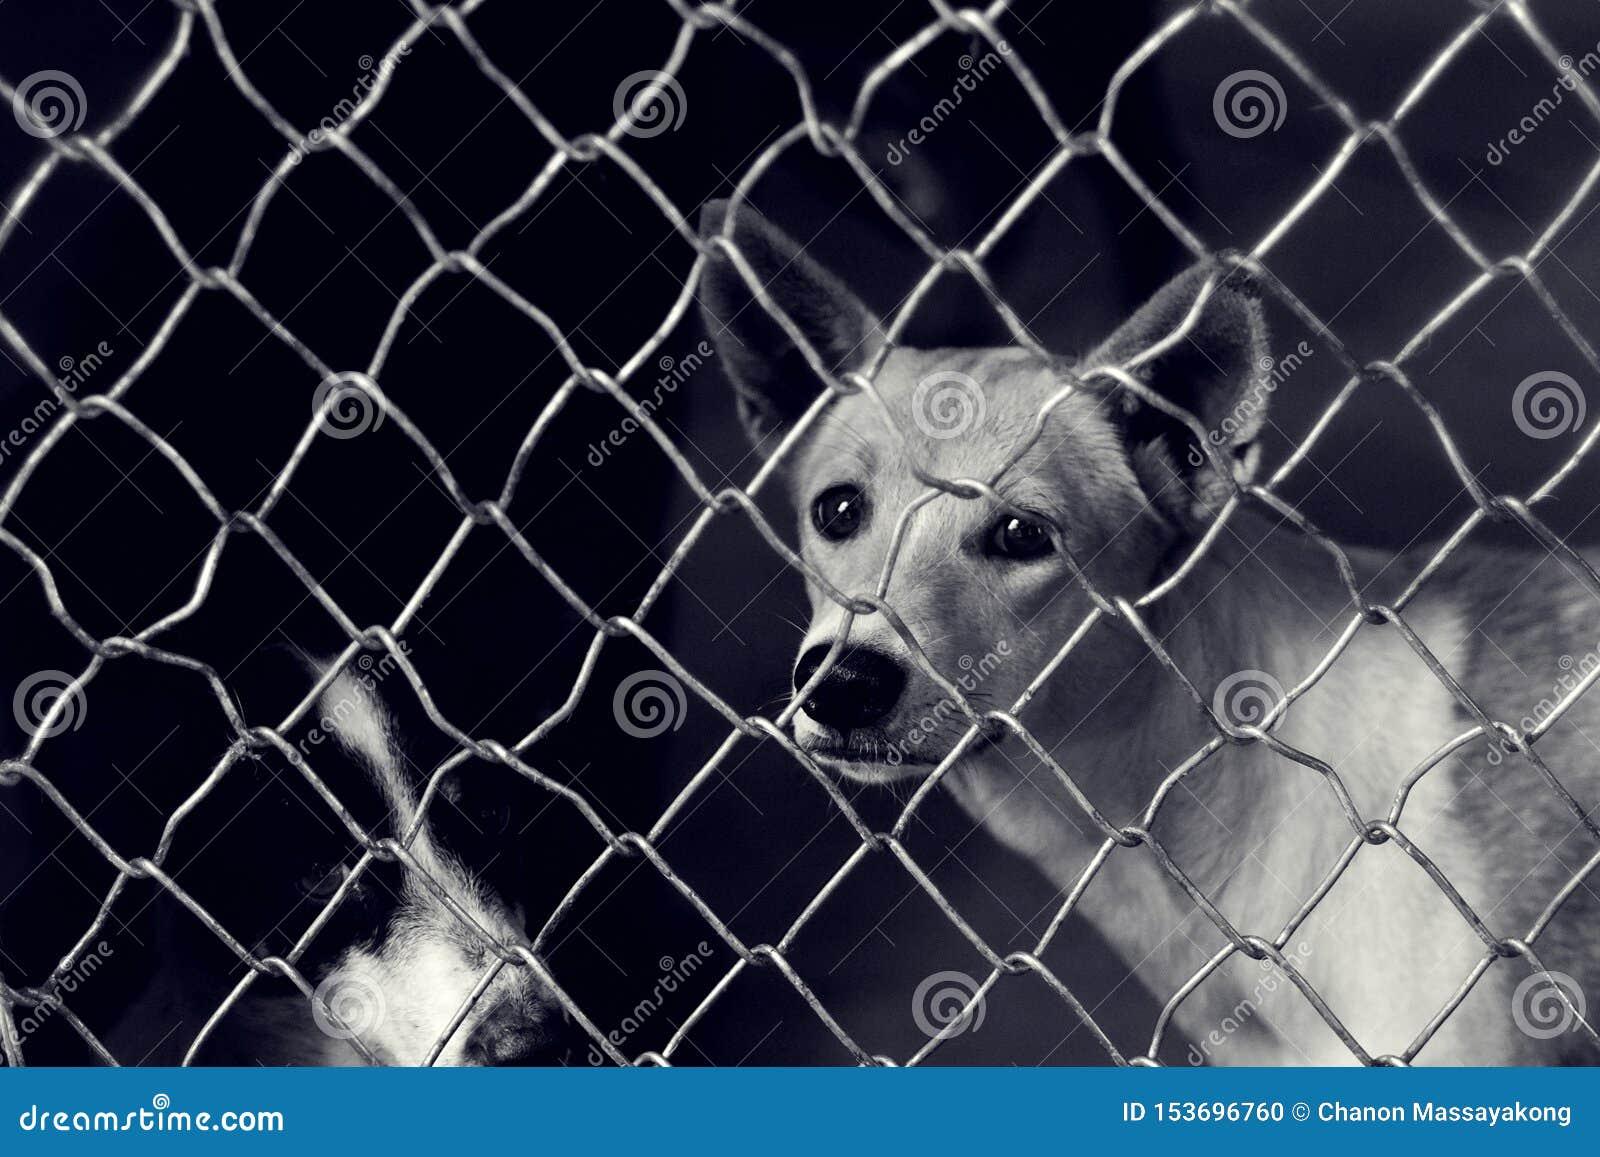 Cane randagio infelice in una gabbia